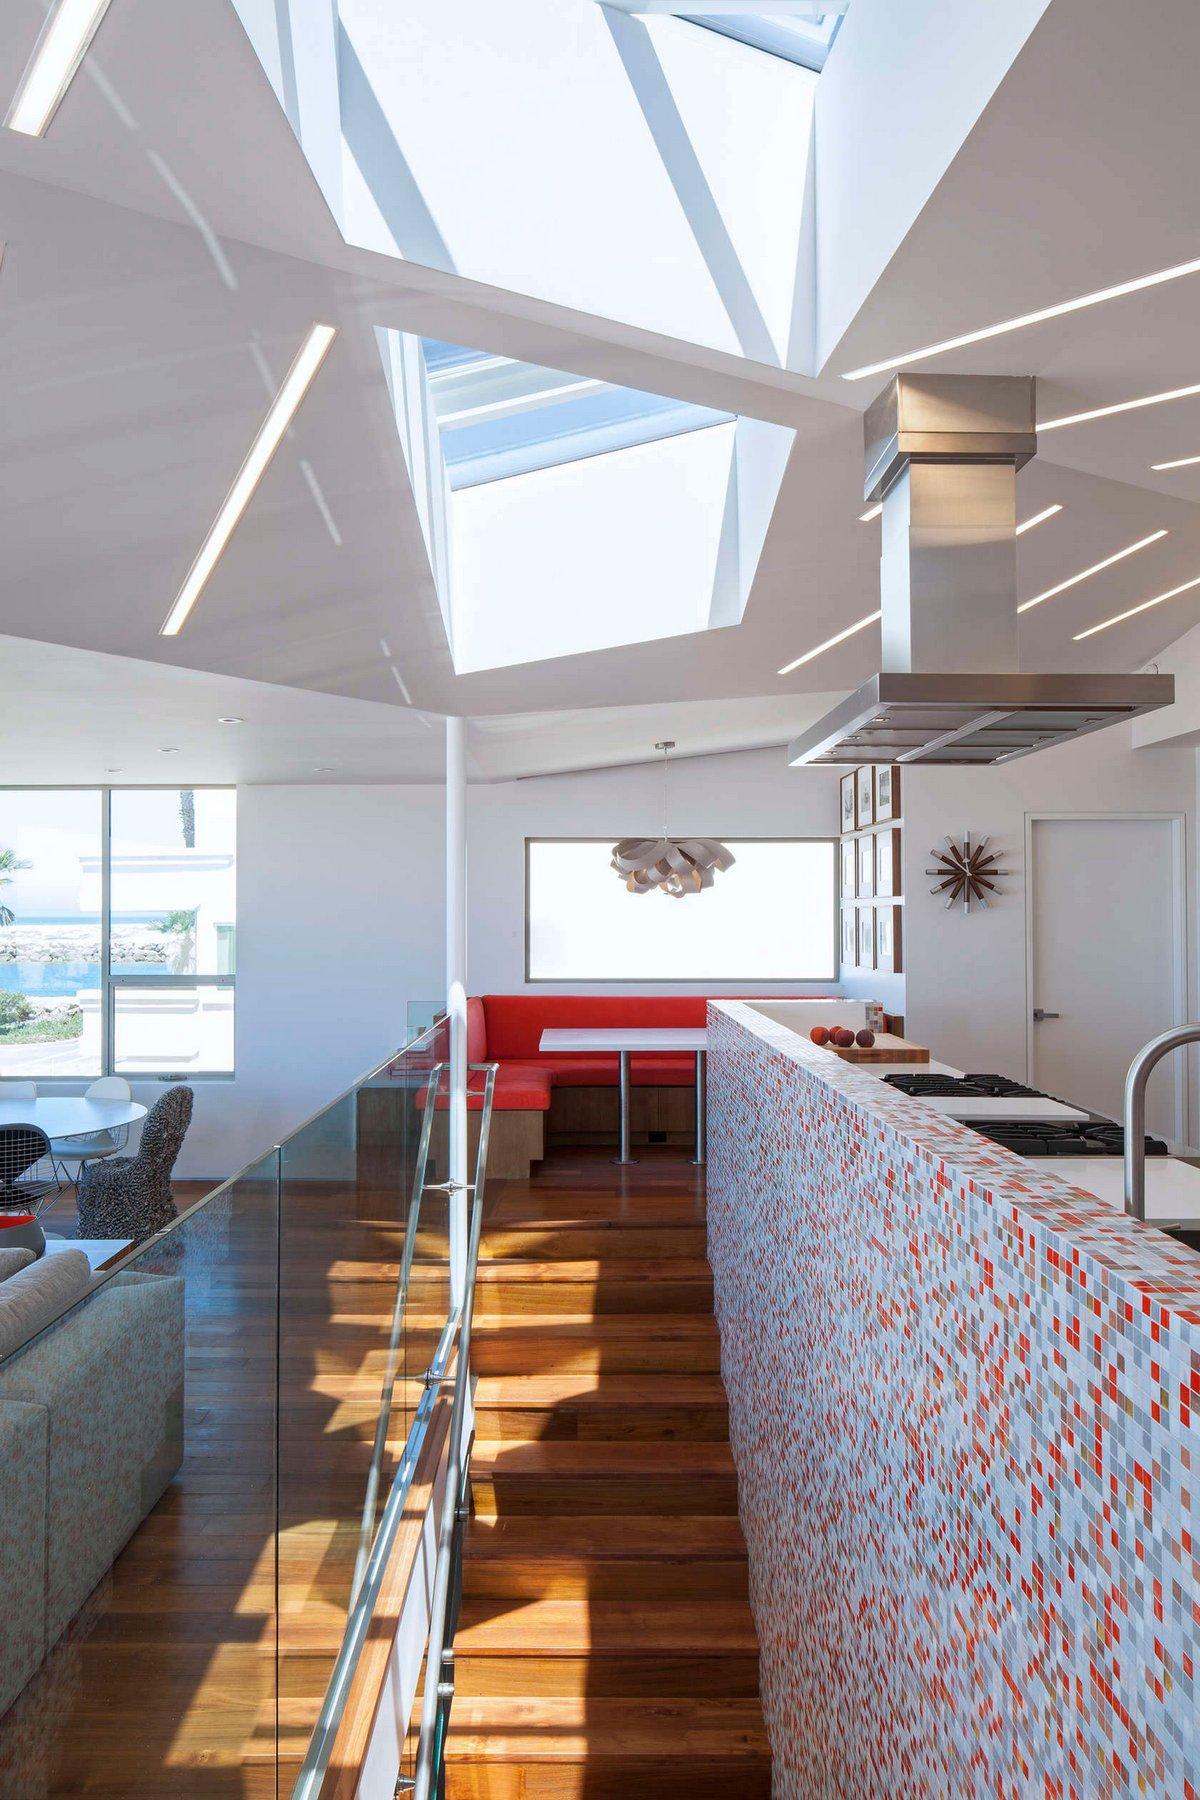 ROBERT KERR architecture design, пляжный дом, дом отдыха пляж, дом на берегу океана фото, дом с видом на пляж, дом с видом на океан